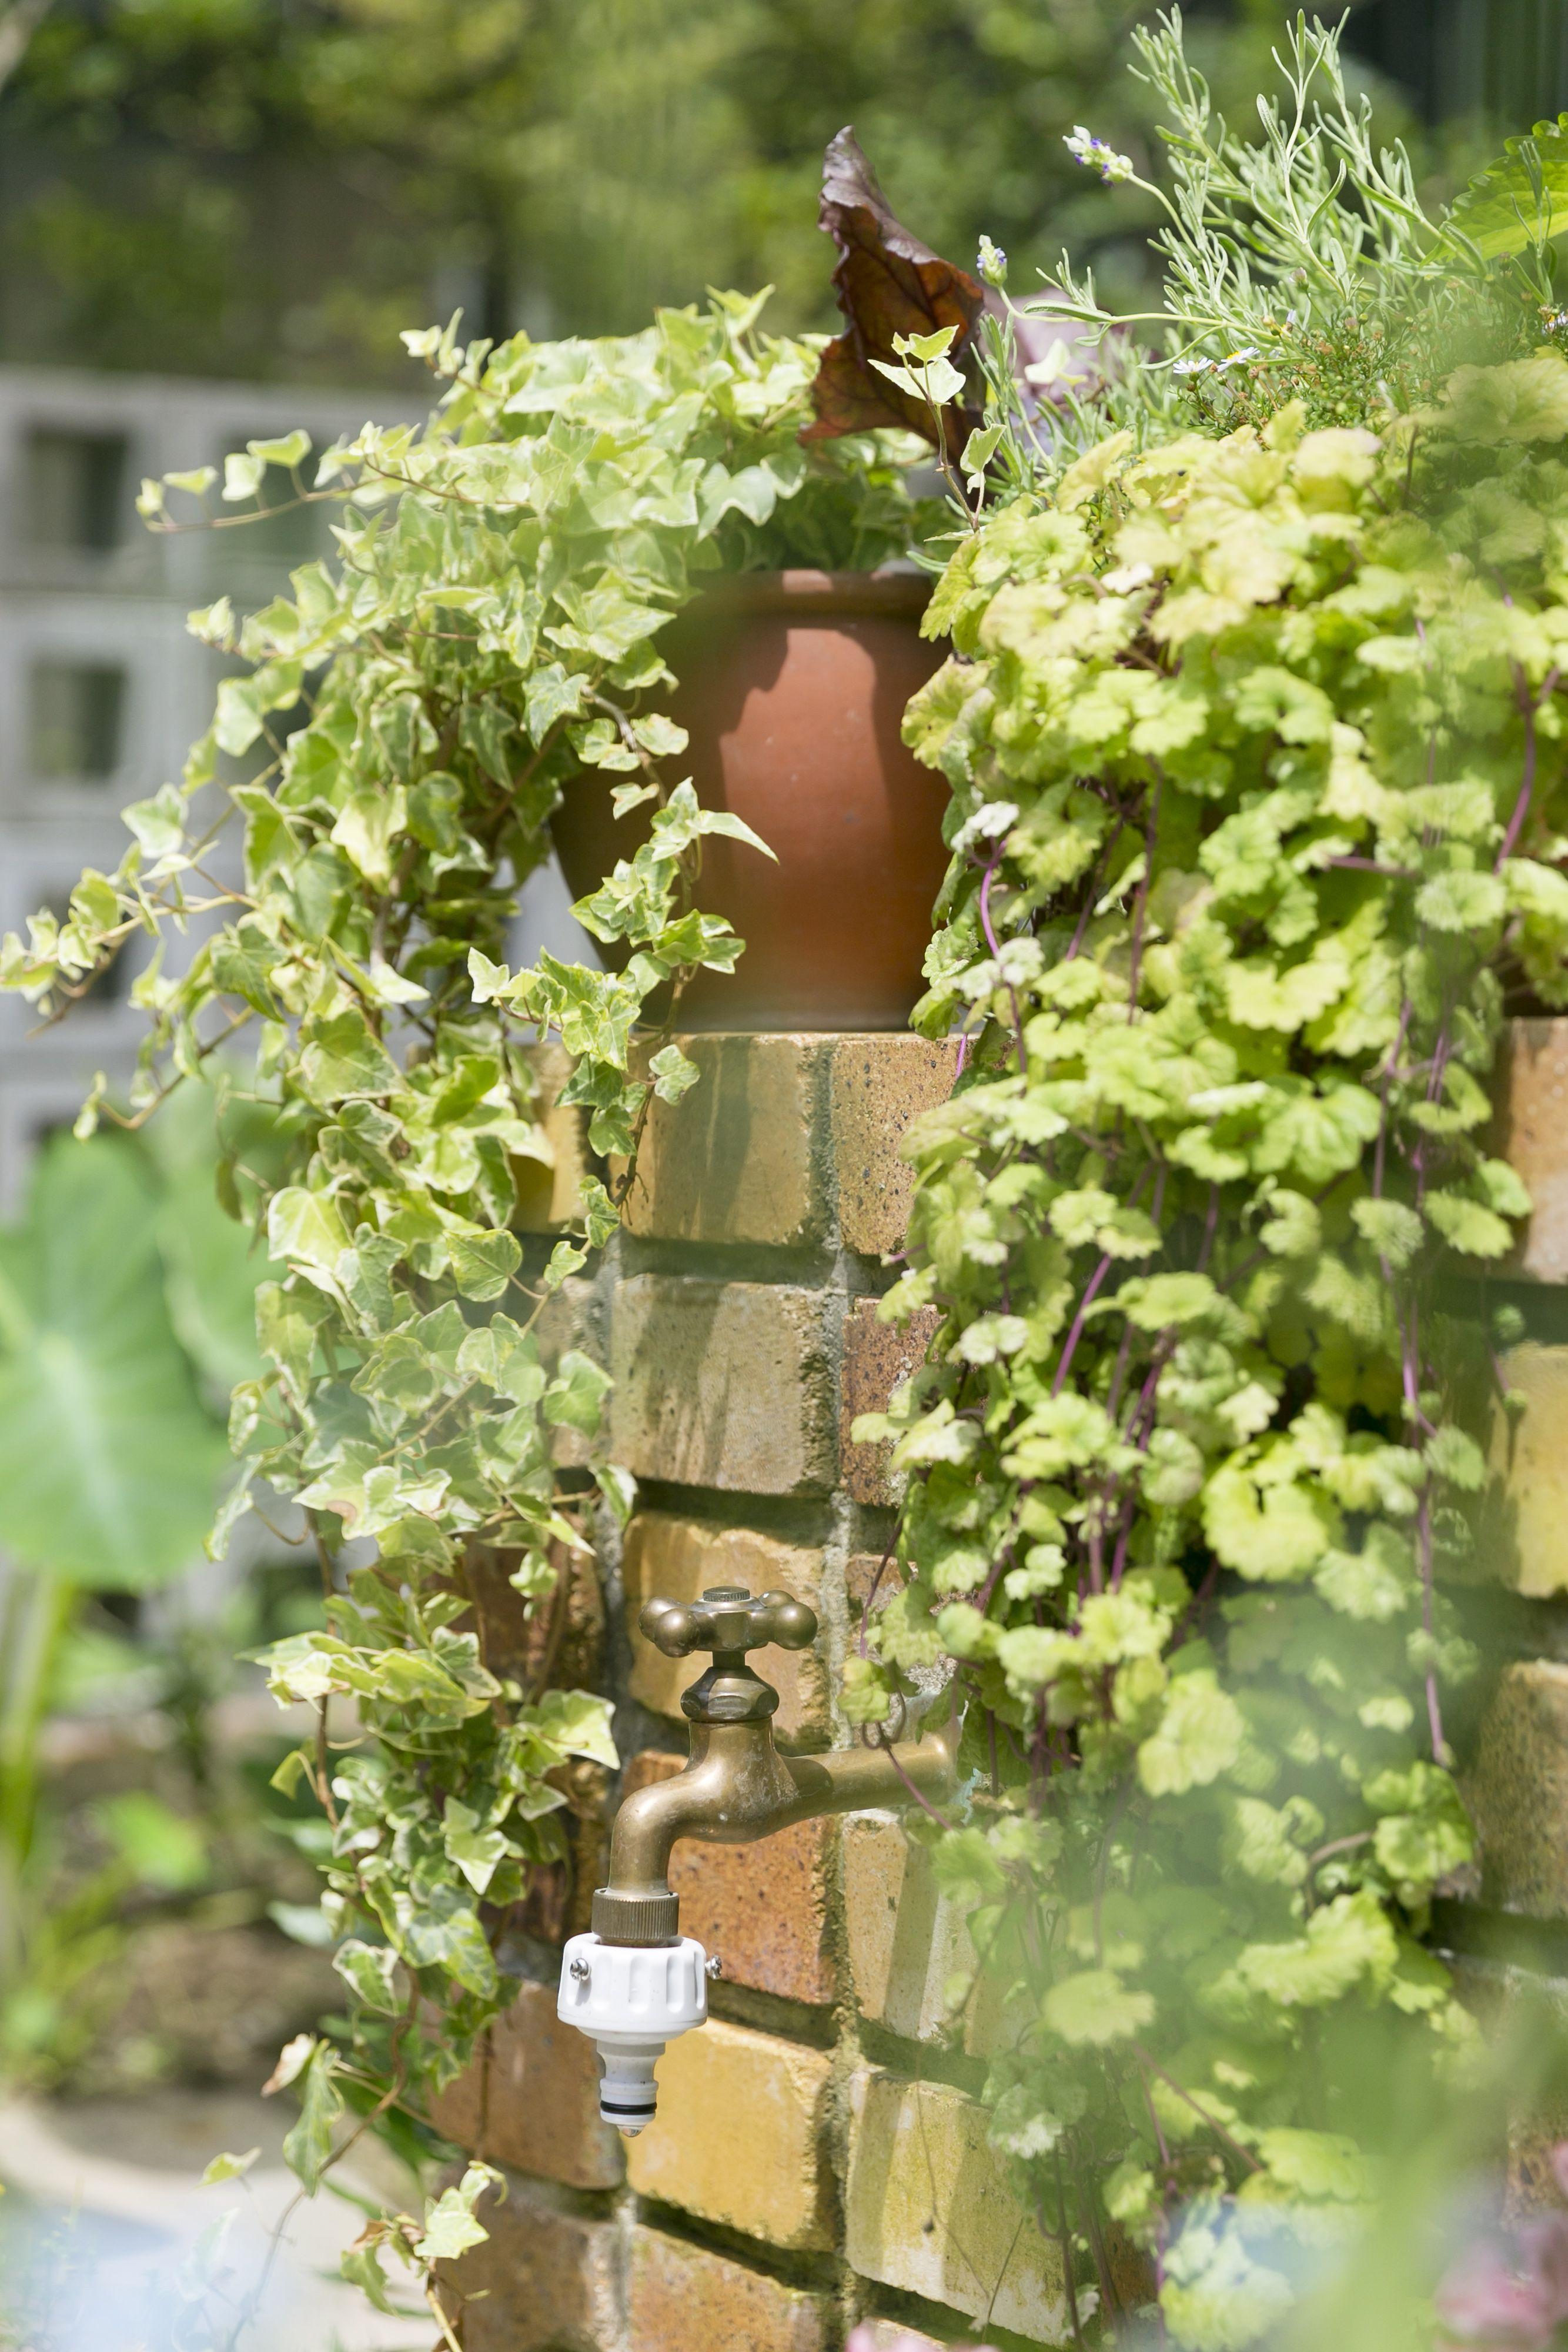 大好きな緑につつまれて暮らす~こだわりのガーデニングスタイル~3 ディーズガーデン×ディーズカーサの庭の施工例です #庭#ガーデン#ガーデニング#植栽